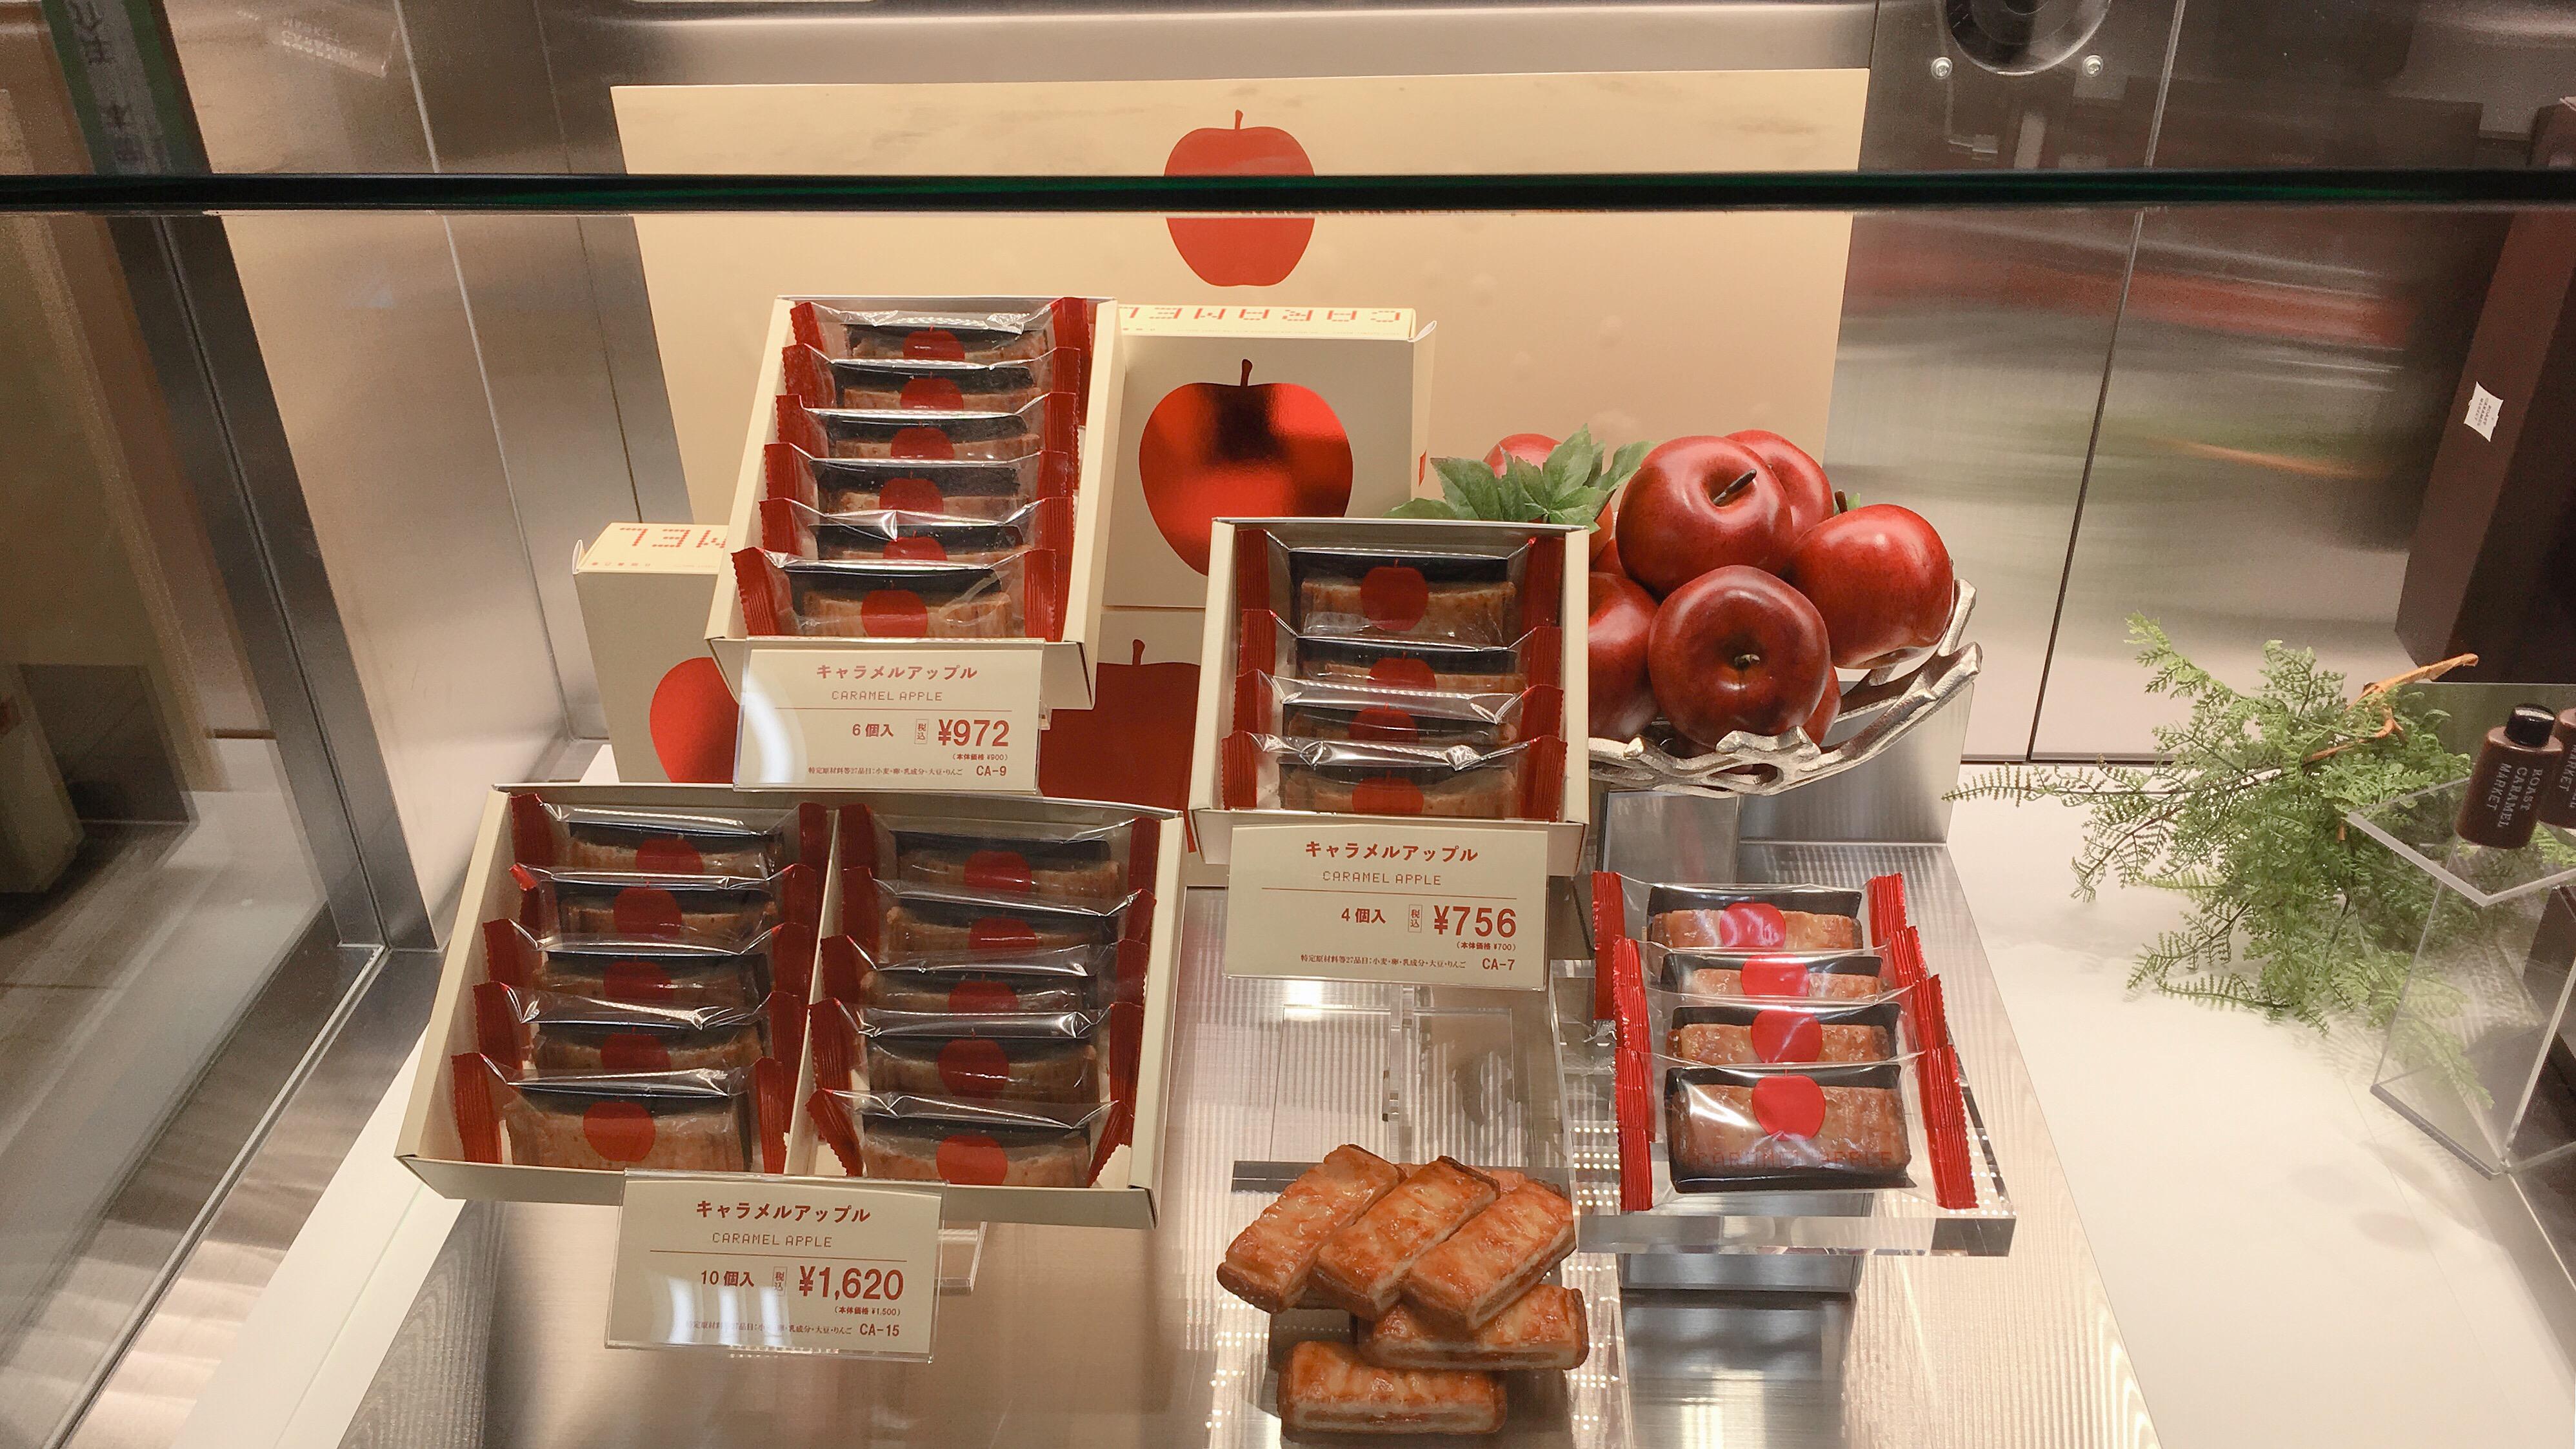 ローストキャラメルマーケットのキャラメルアップルというお菓子の個数や価格が分かる店頭ディスプレイ